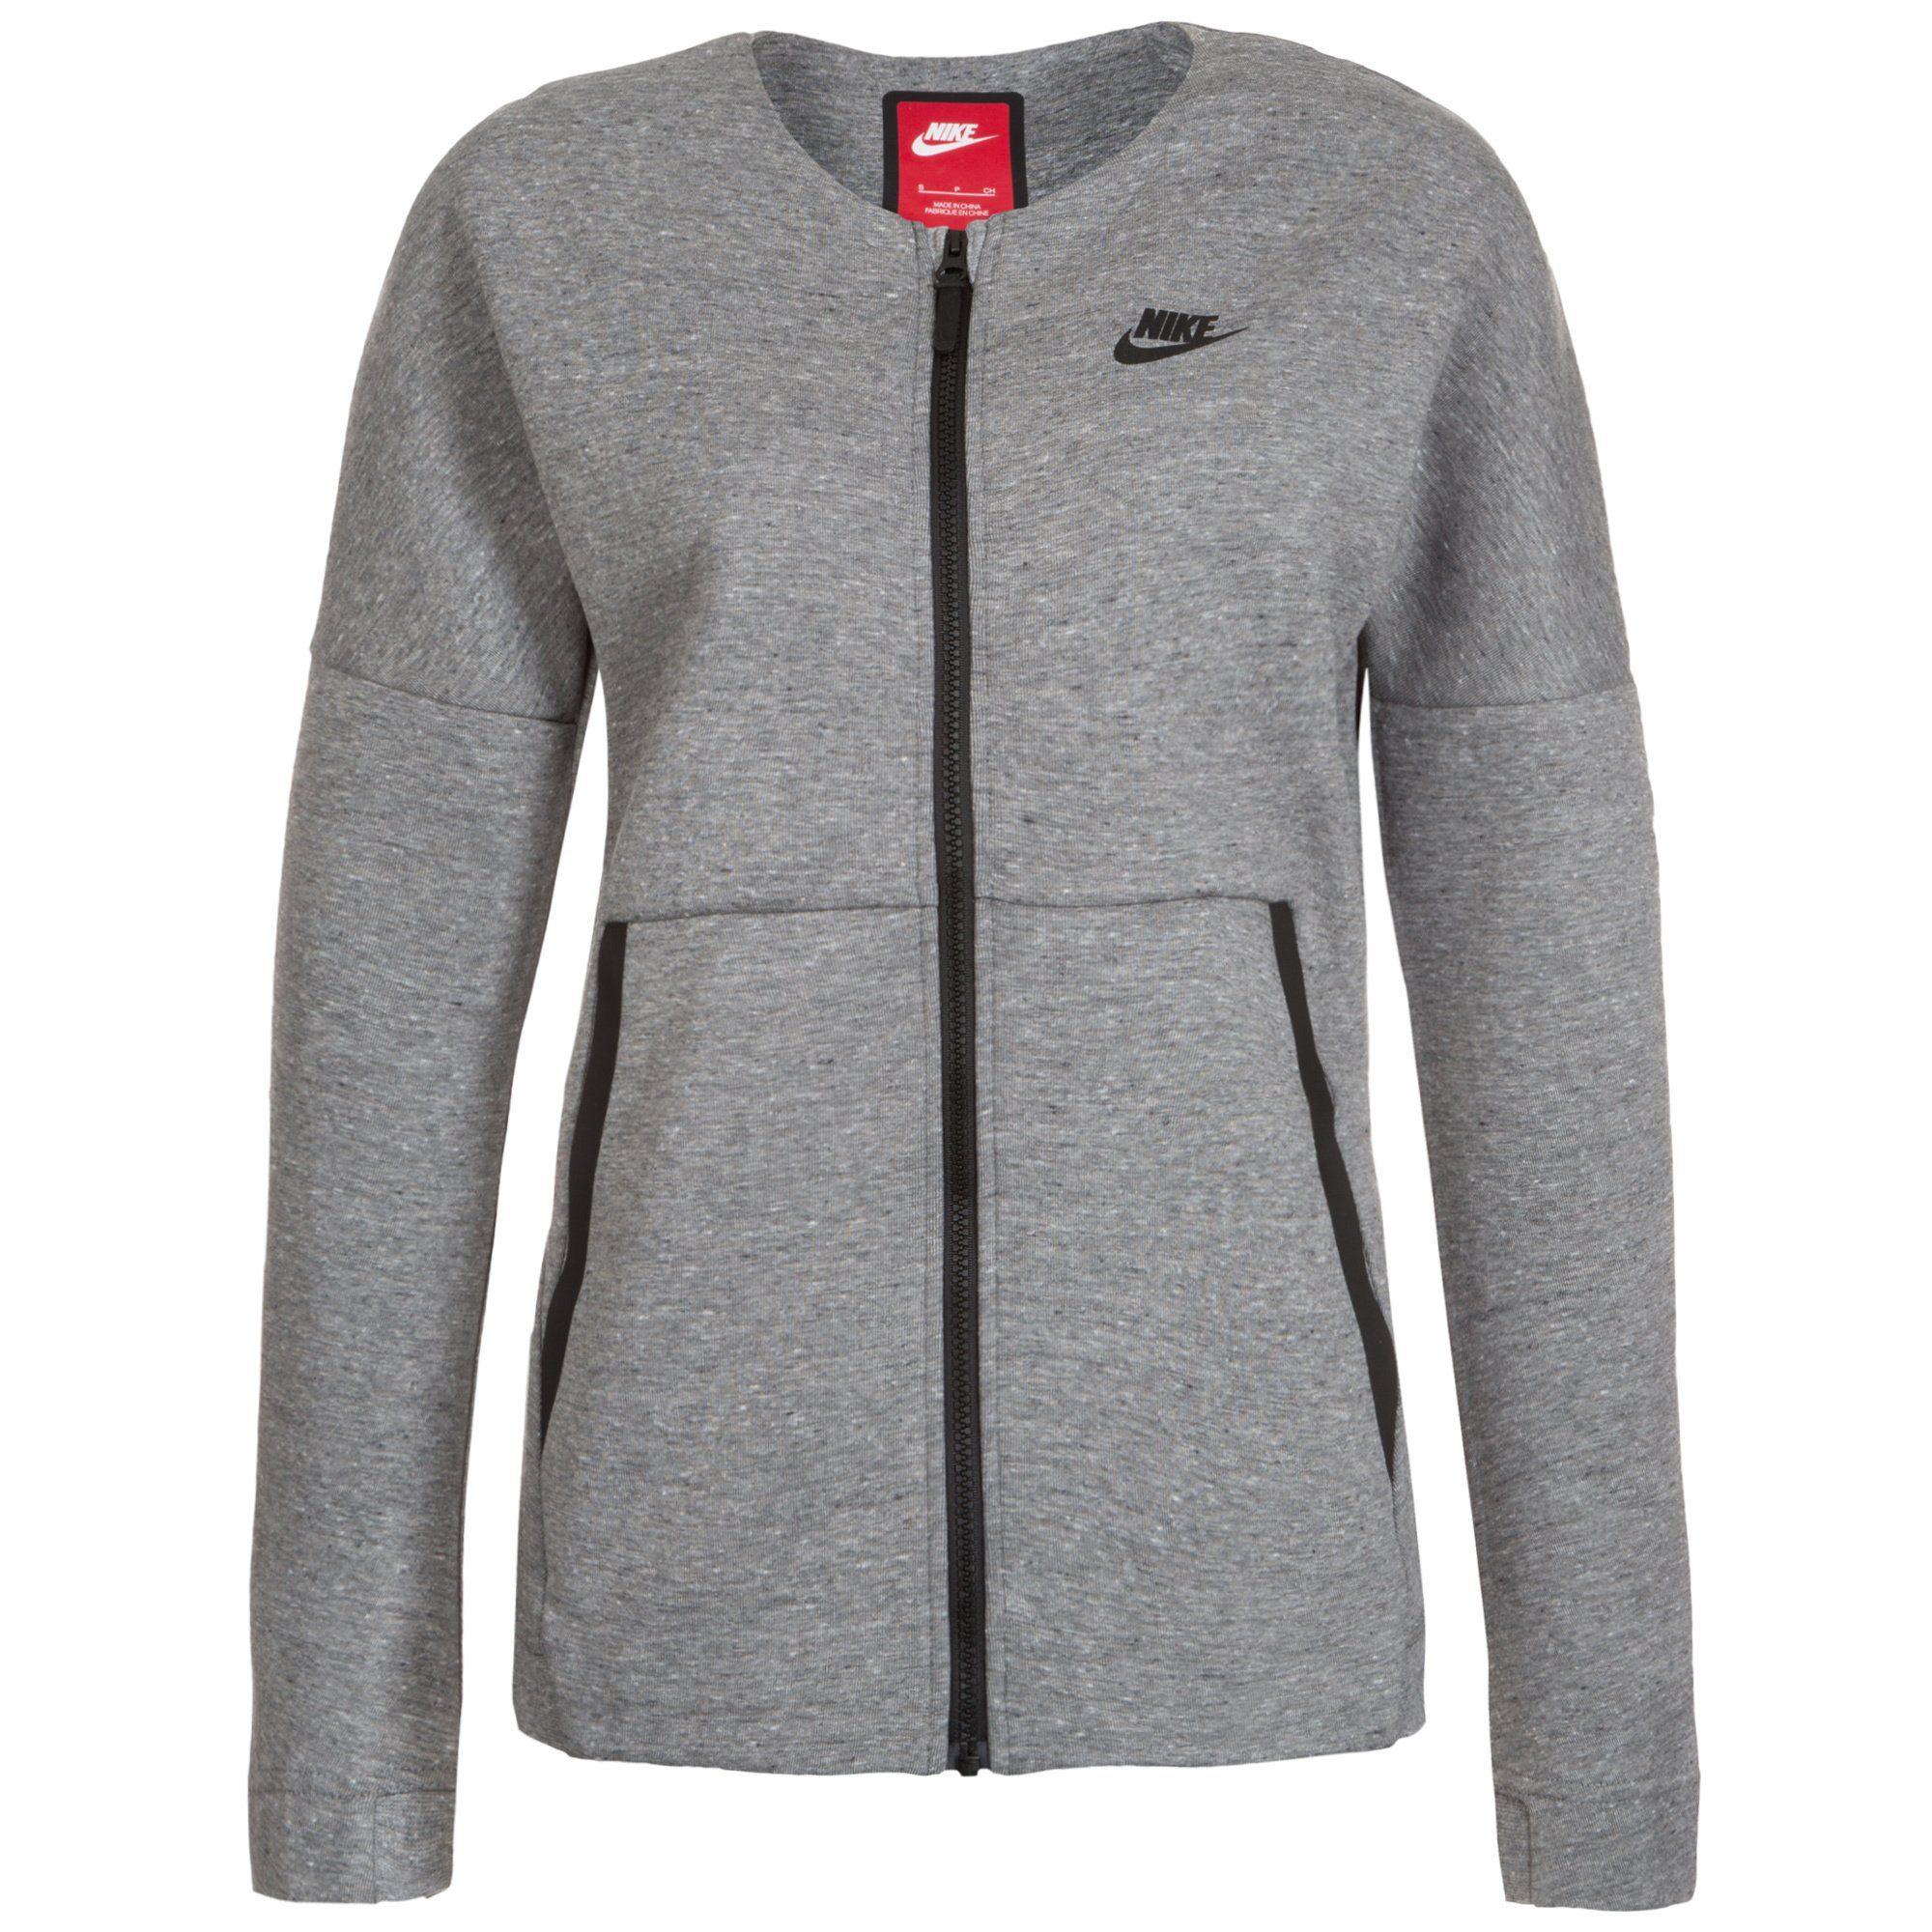 ab659dfdceb3d Bildquelle: Nike Sportswear Tech Fleece Bomber Jacke Damen